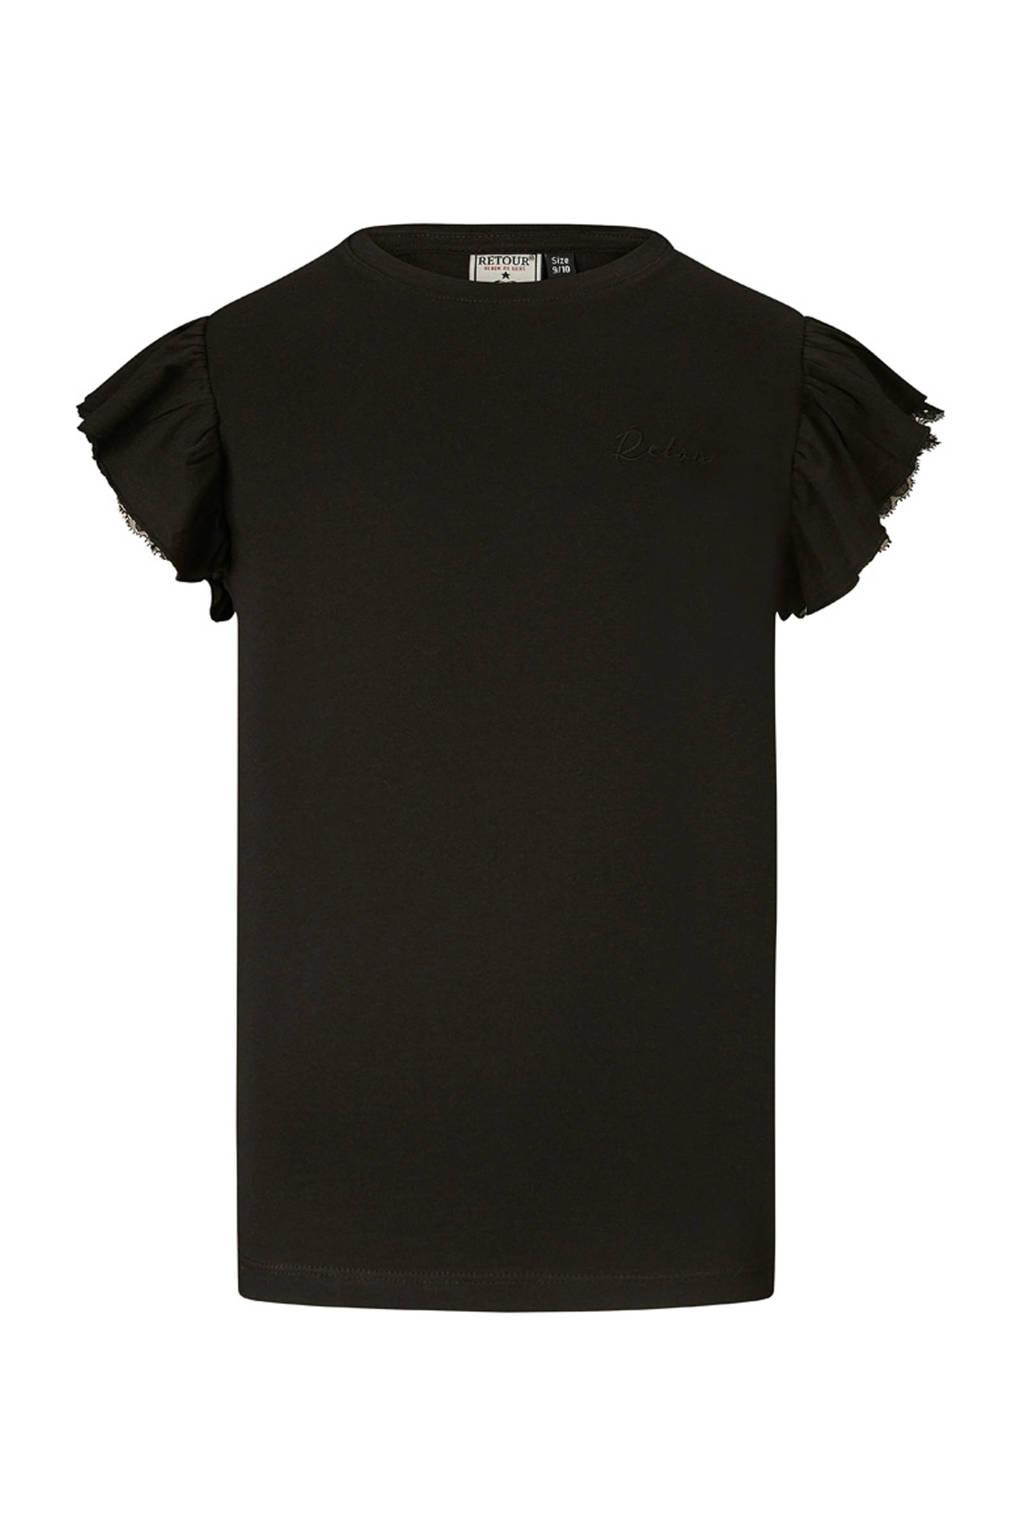 Retour Denim T-shirt Hanna met borduursels zwart, Zwart